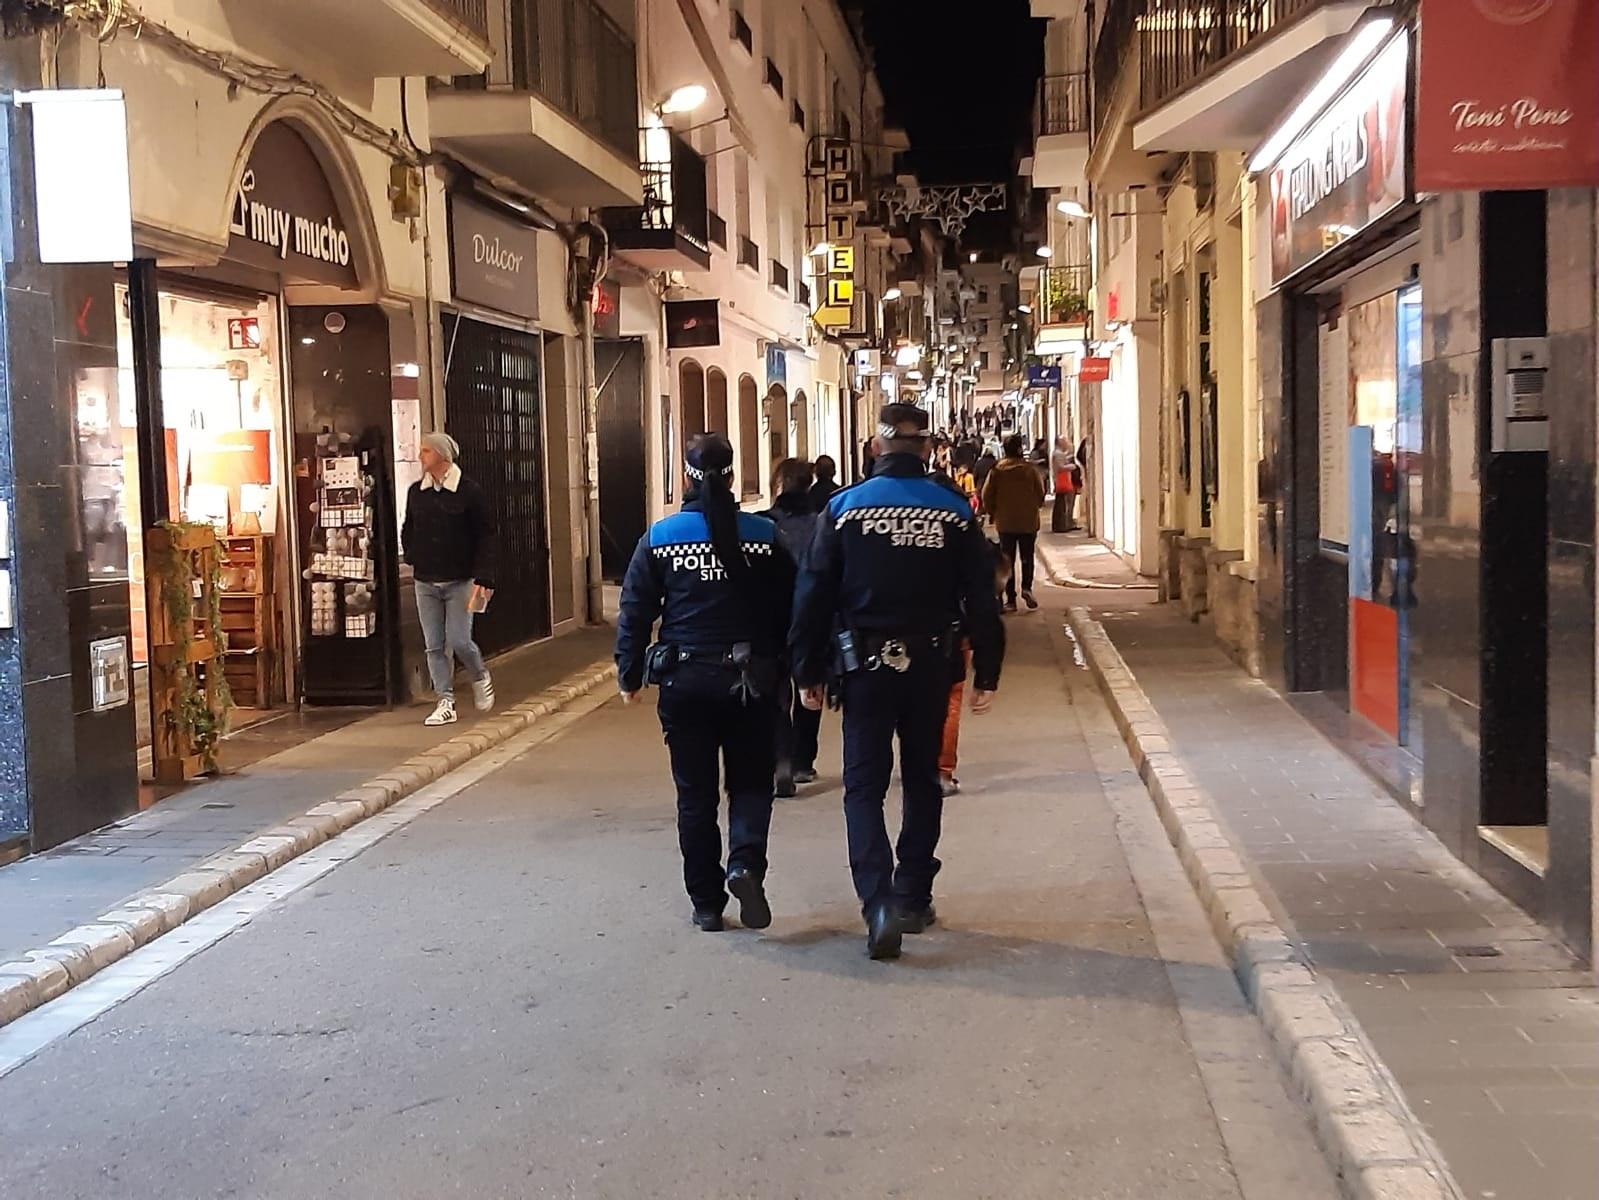 La Policia Local ha realitzat 600 hores de patrullatge a peu durant el Nadal